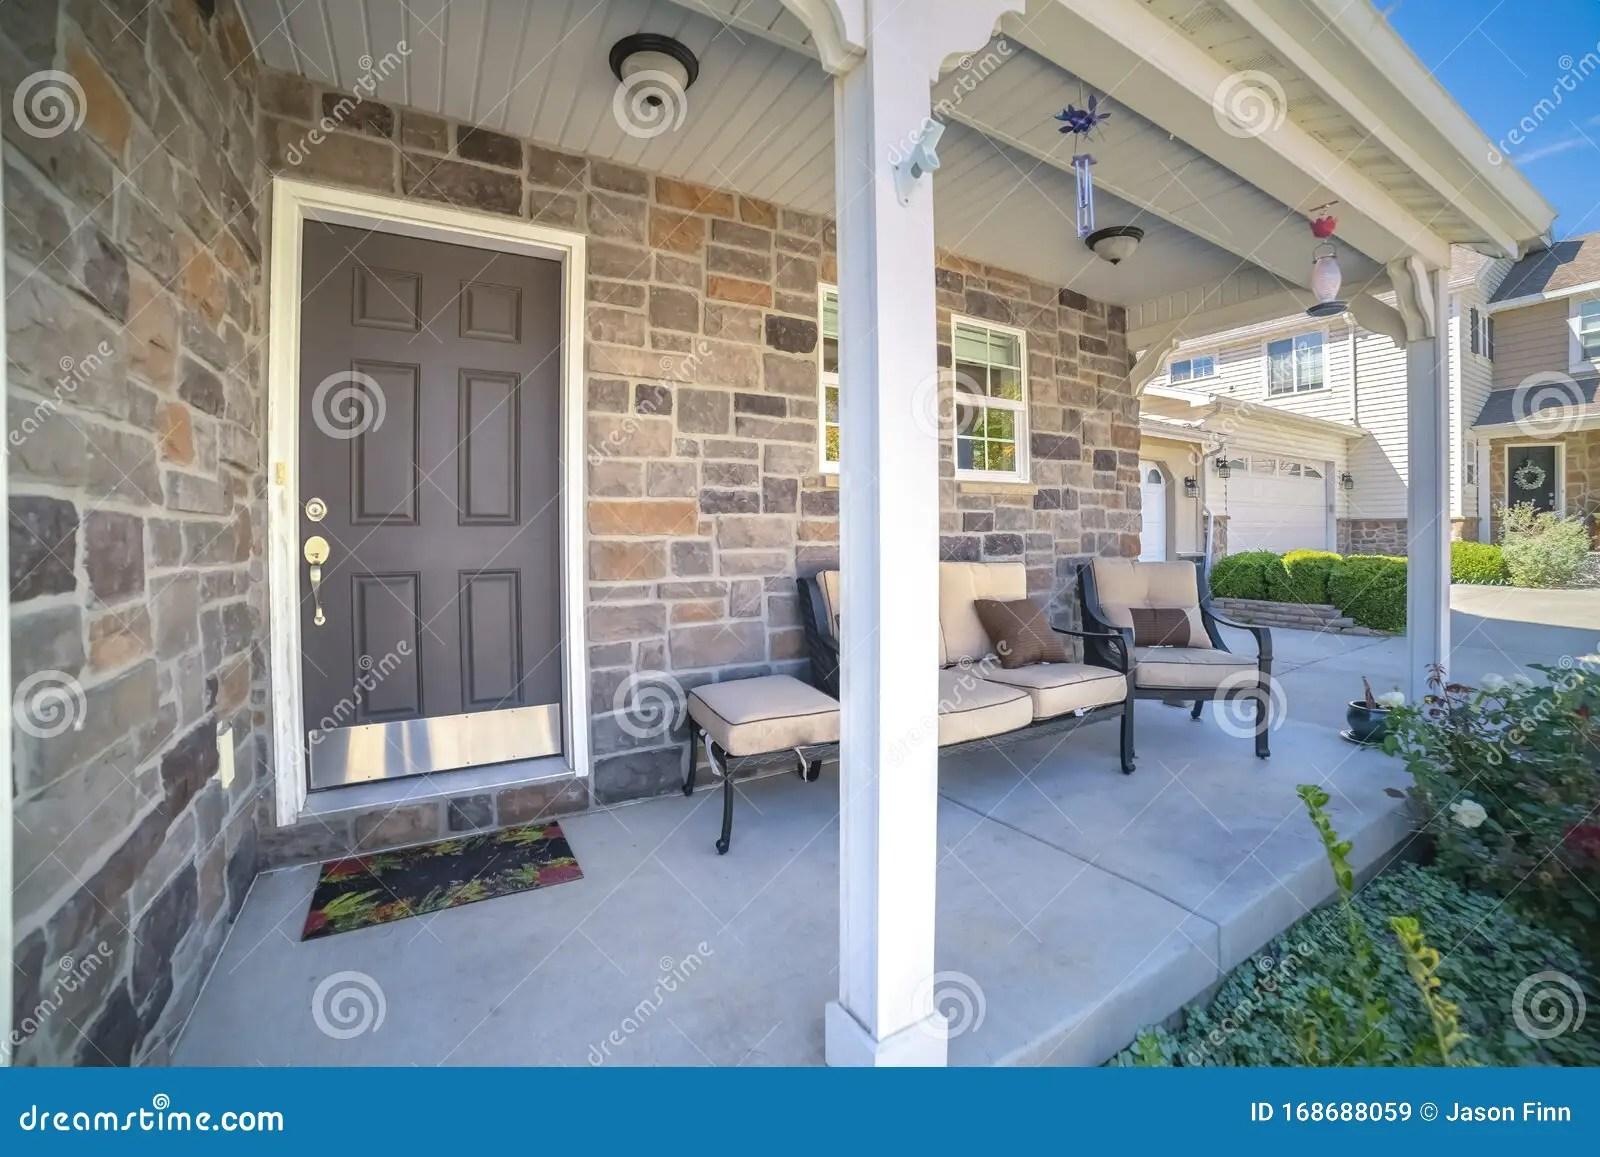 https www dreamstime com outdoor furniture entrance patio near sunset outdoor furniture entrance patio to urban home wooden front door image168688059